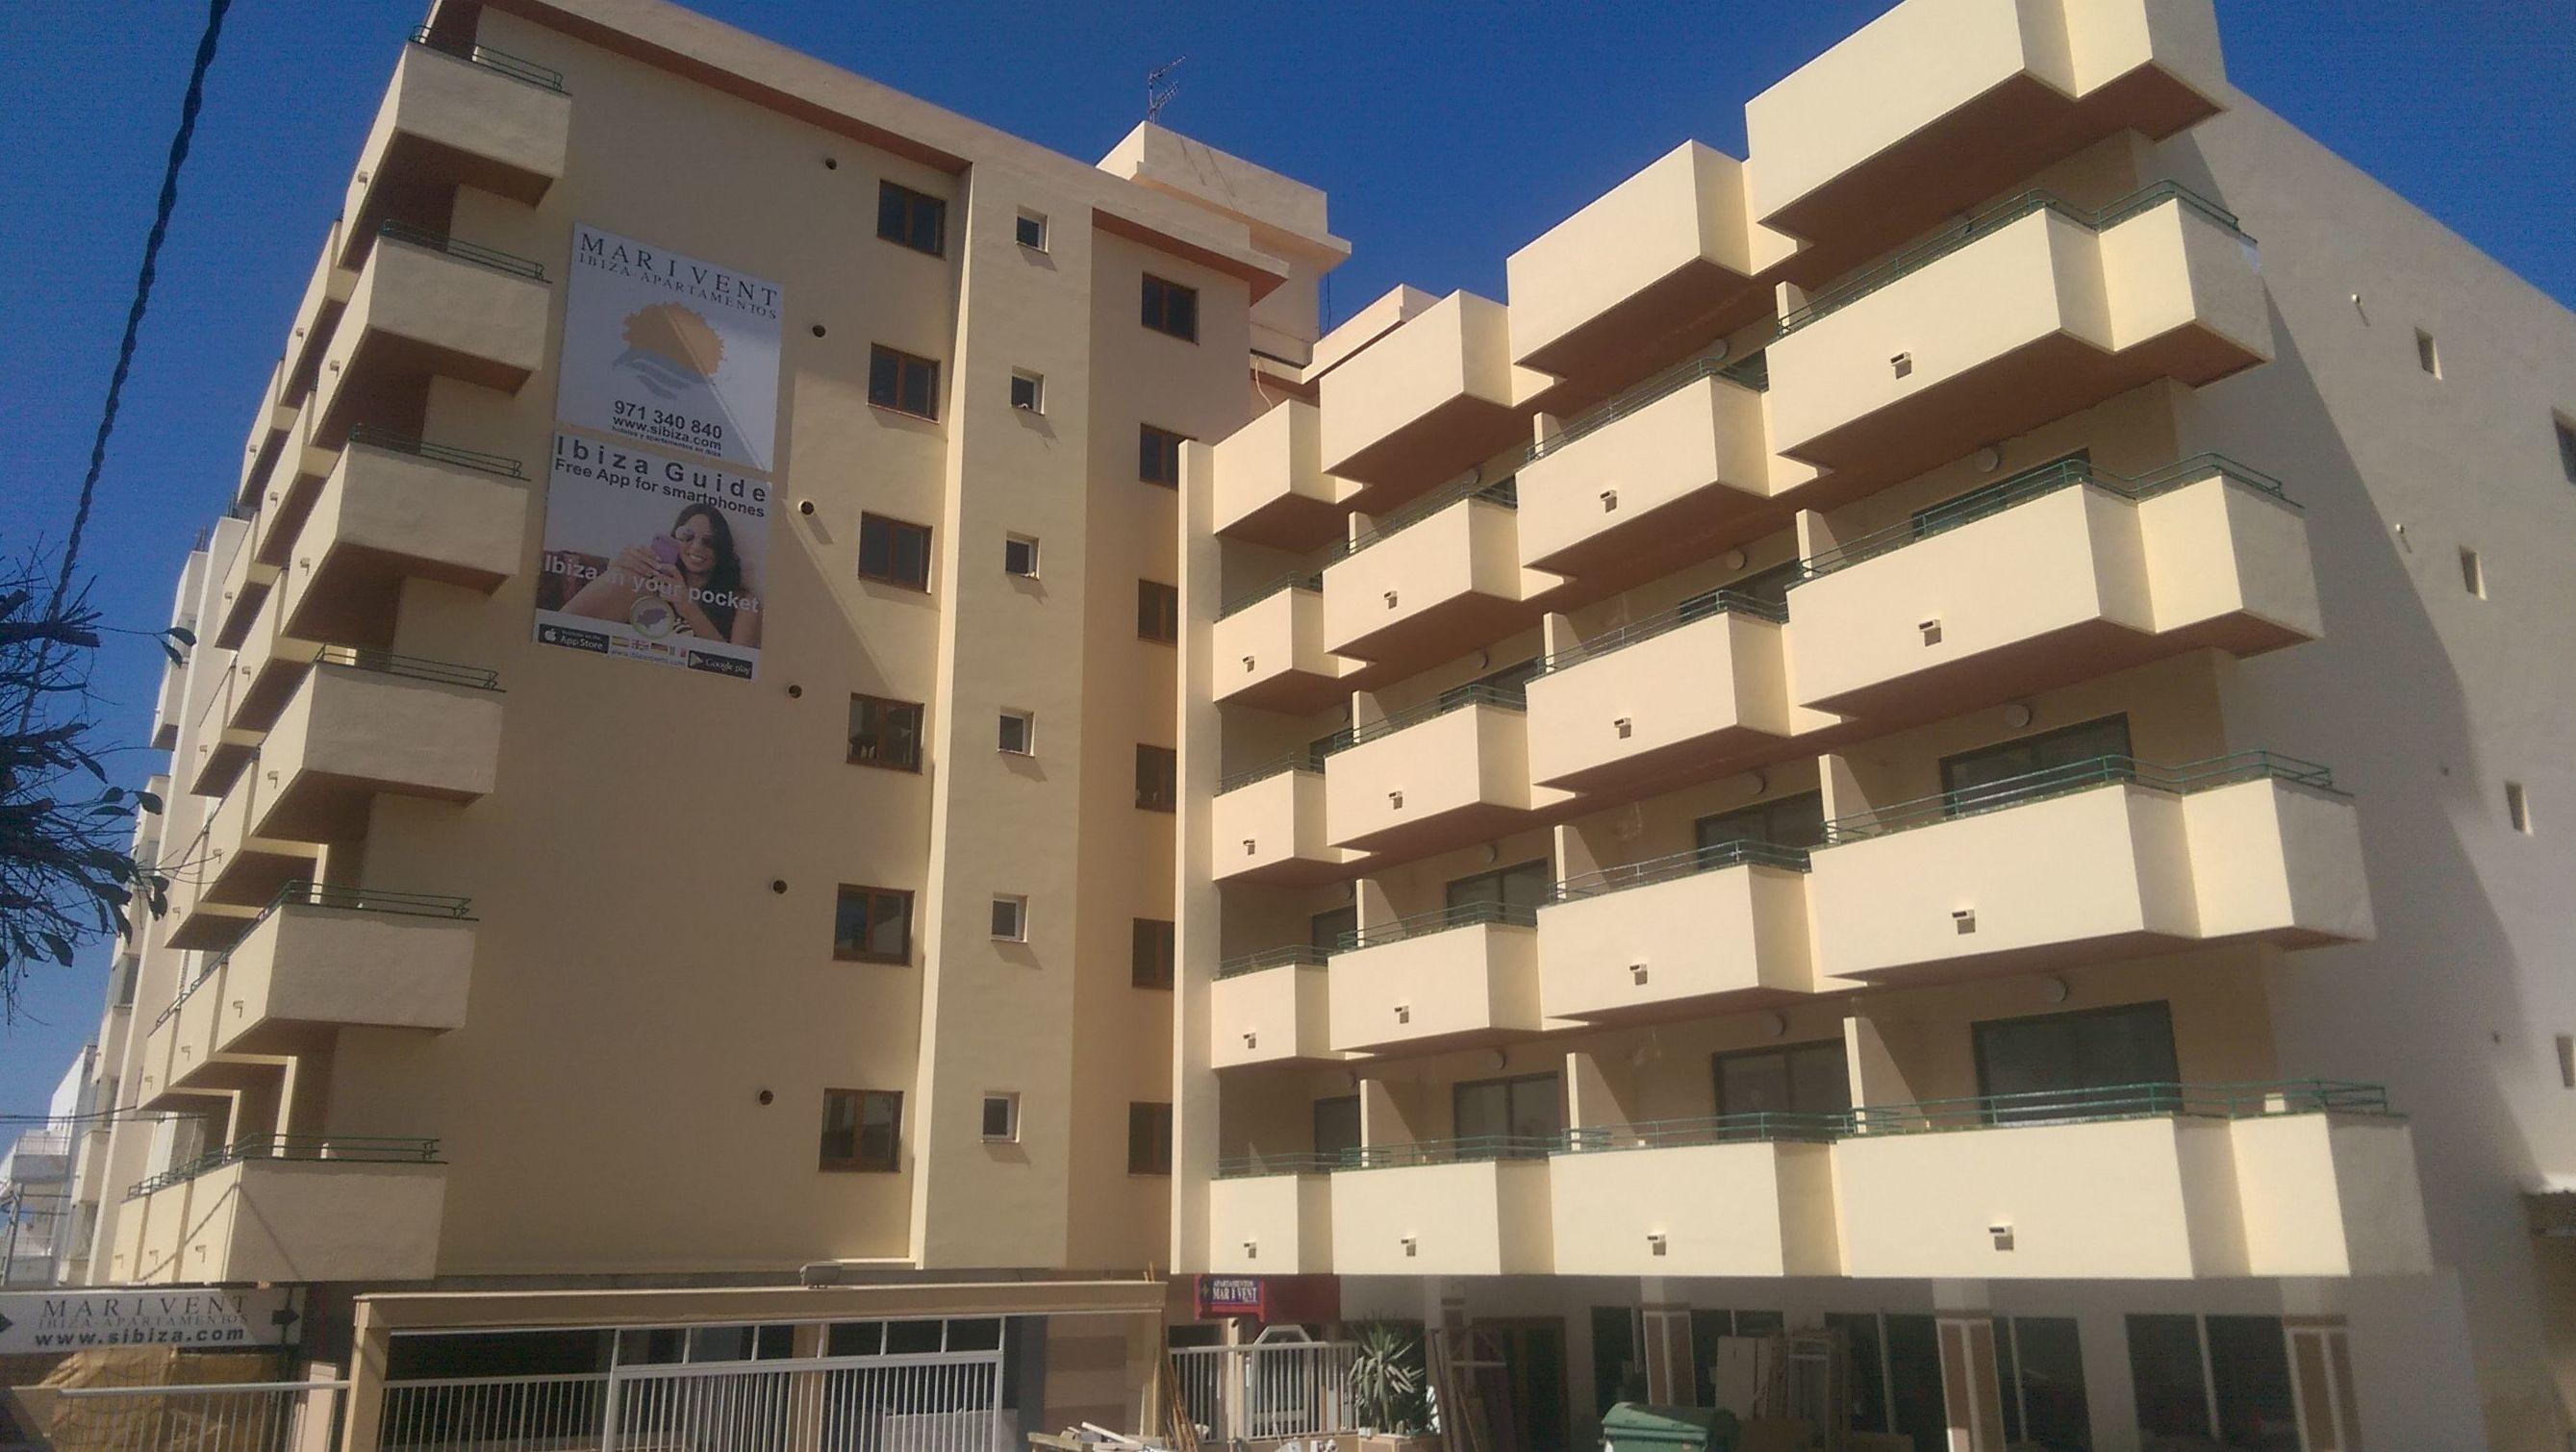 hotel Mar y Vent , rehabilitacion de fachadad e interiores